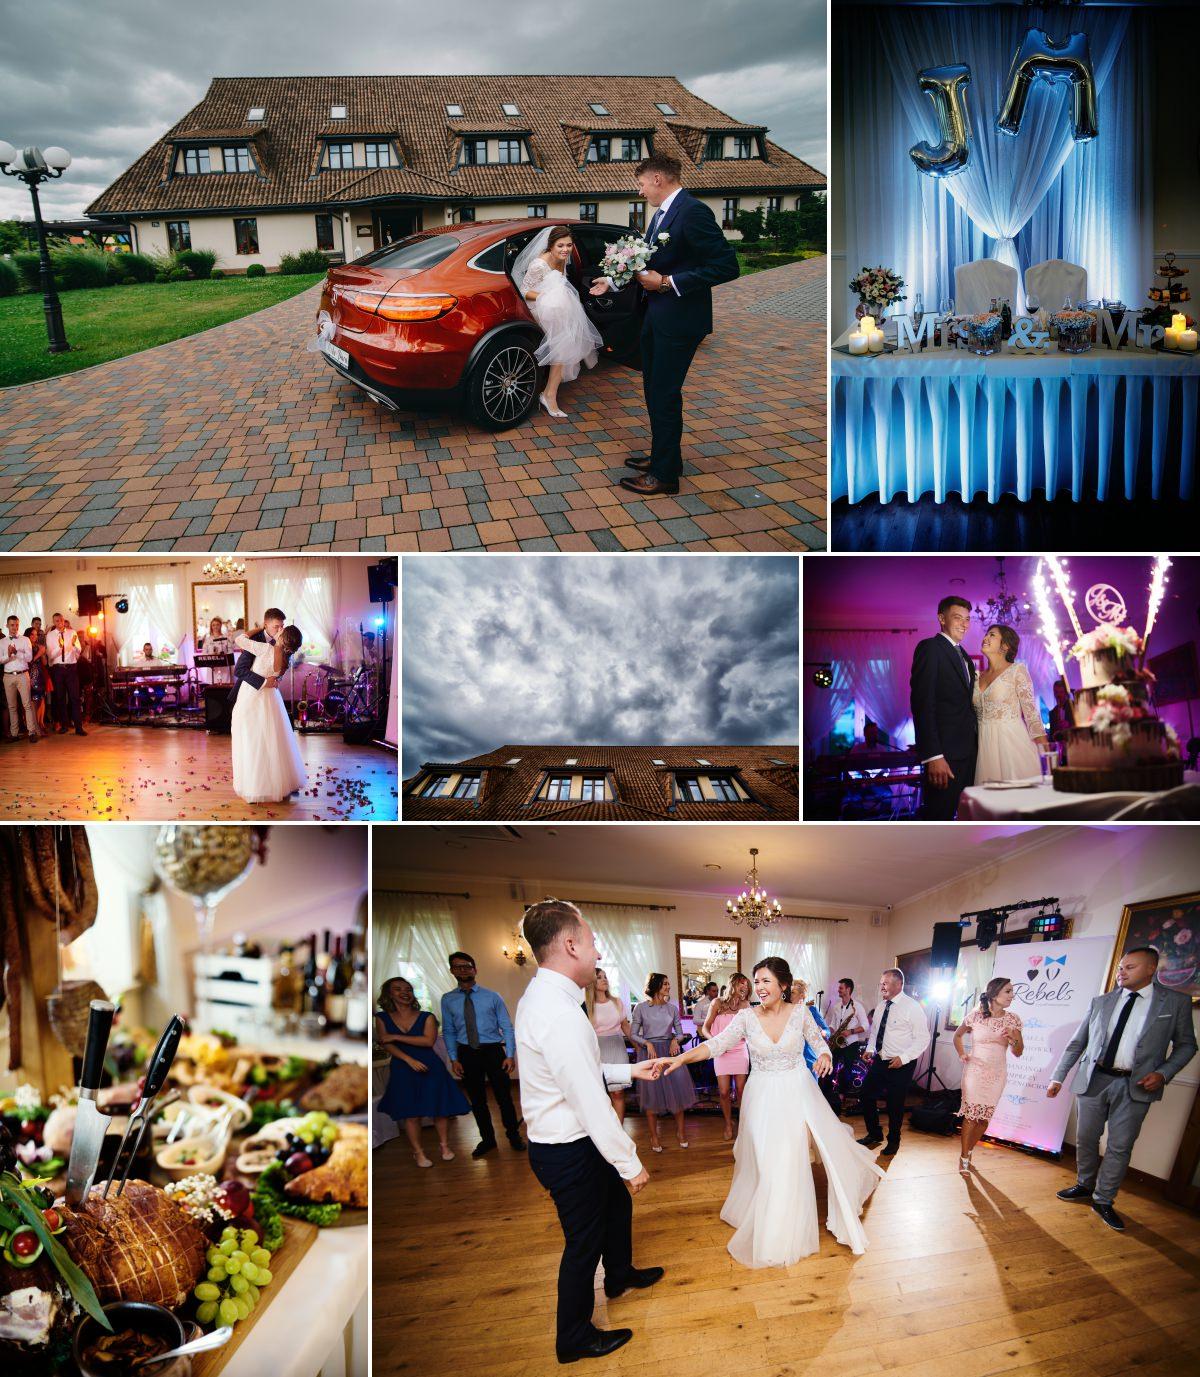 wesele w platanie w ropczycach